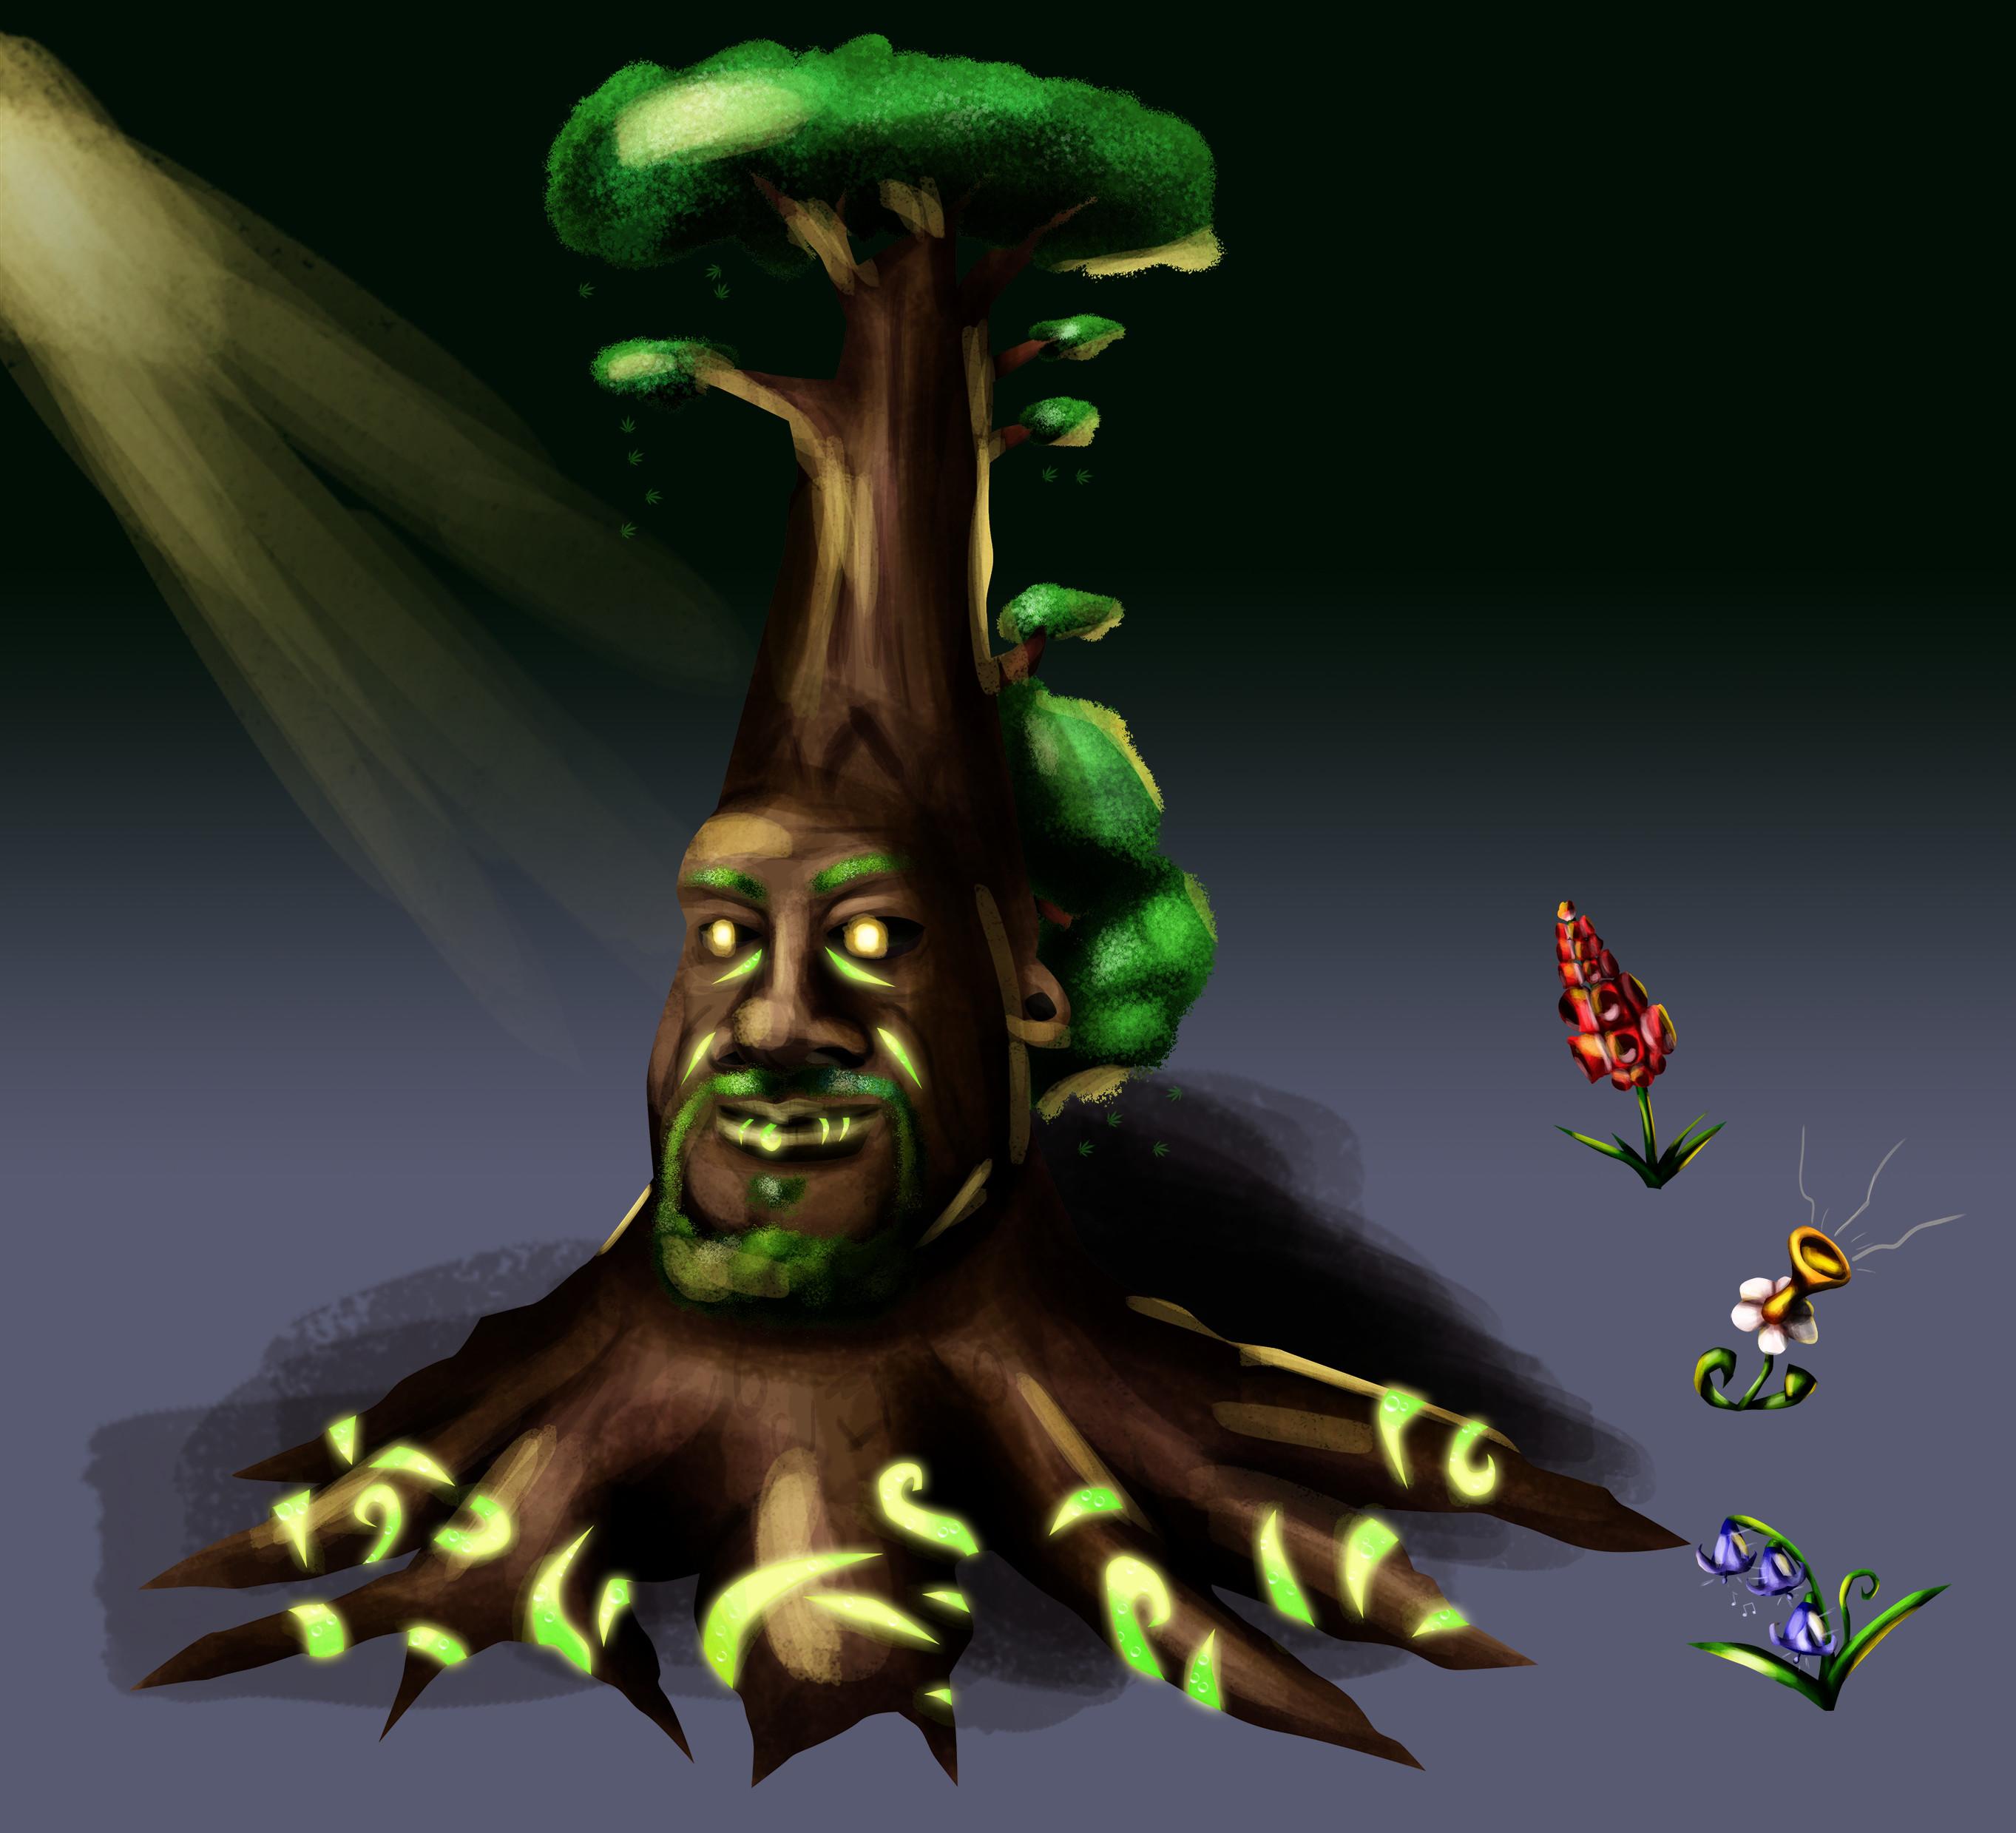 The Snoop Tree. His leaves are marijuana leaves...